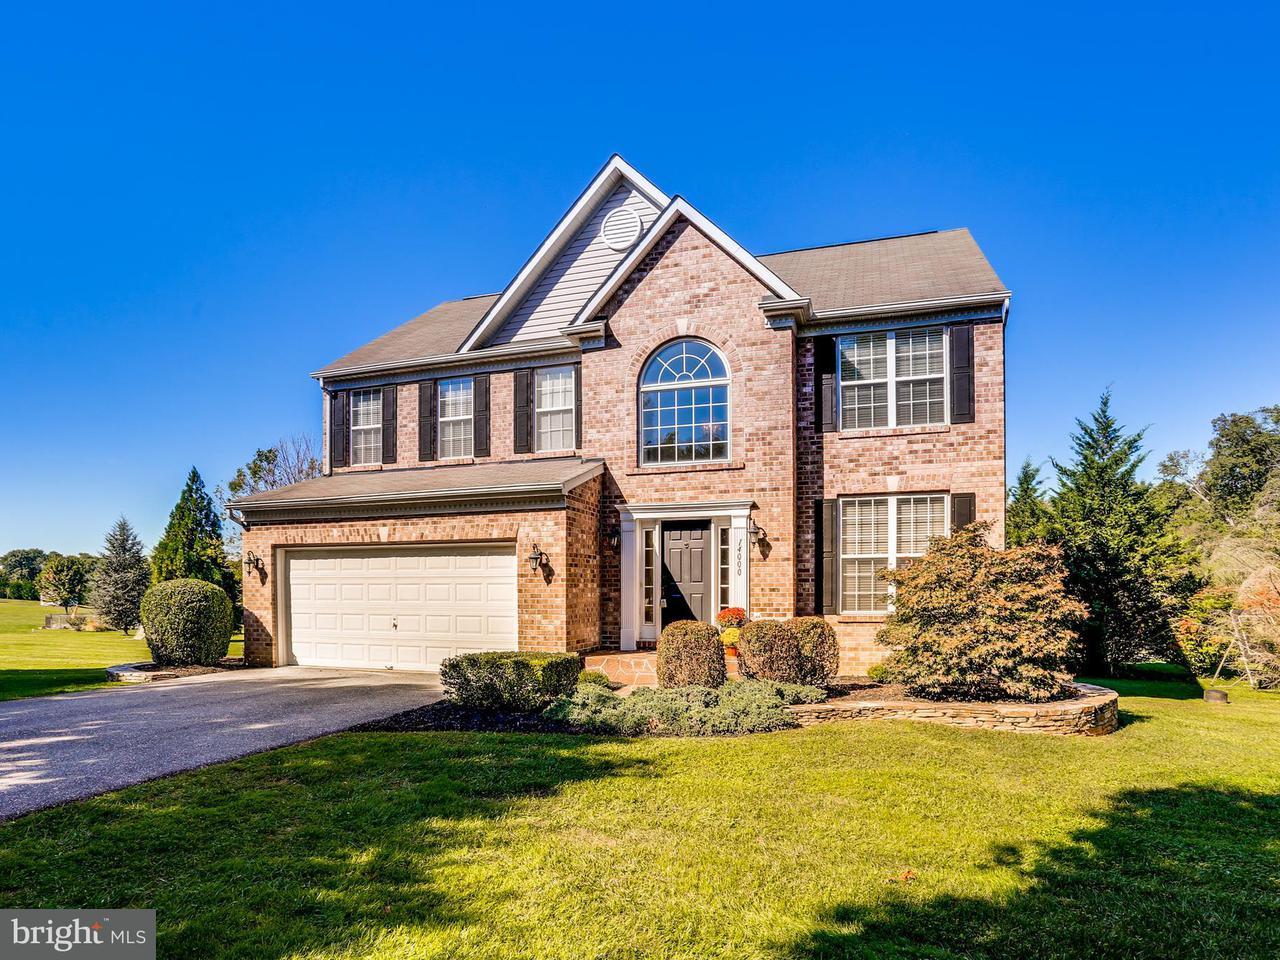 Μονοκατοικία για την Πώληση στο 14000 MONTICELLO Drive 14000 MONTICELLO Drive Cooksville, Μεριλαντ 21723 Ηνωμενεσ Πολιτειεσ